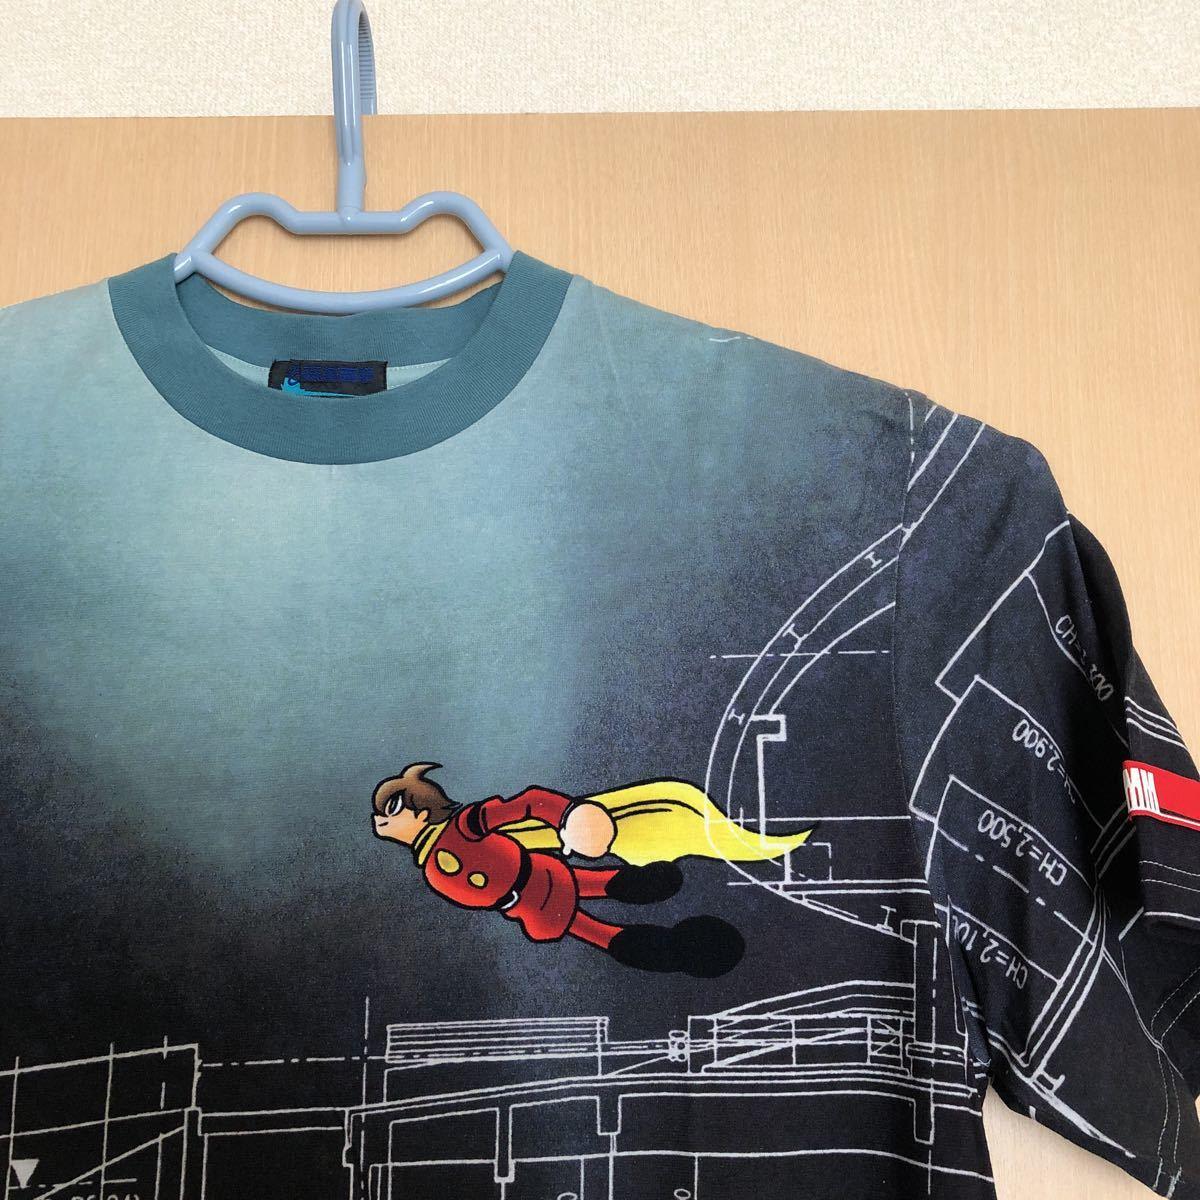 サイボーグ009 石ノ森章太郎 半袖Tシャツ 石ノ森萬画館 Lサイズ 未使用 日本製 レアだと思います お値下げしました